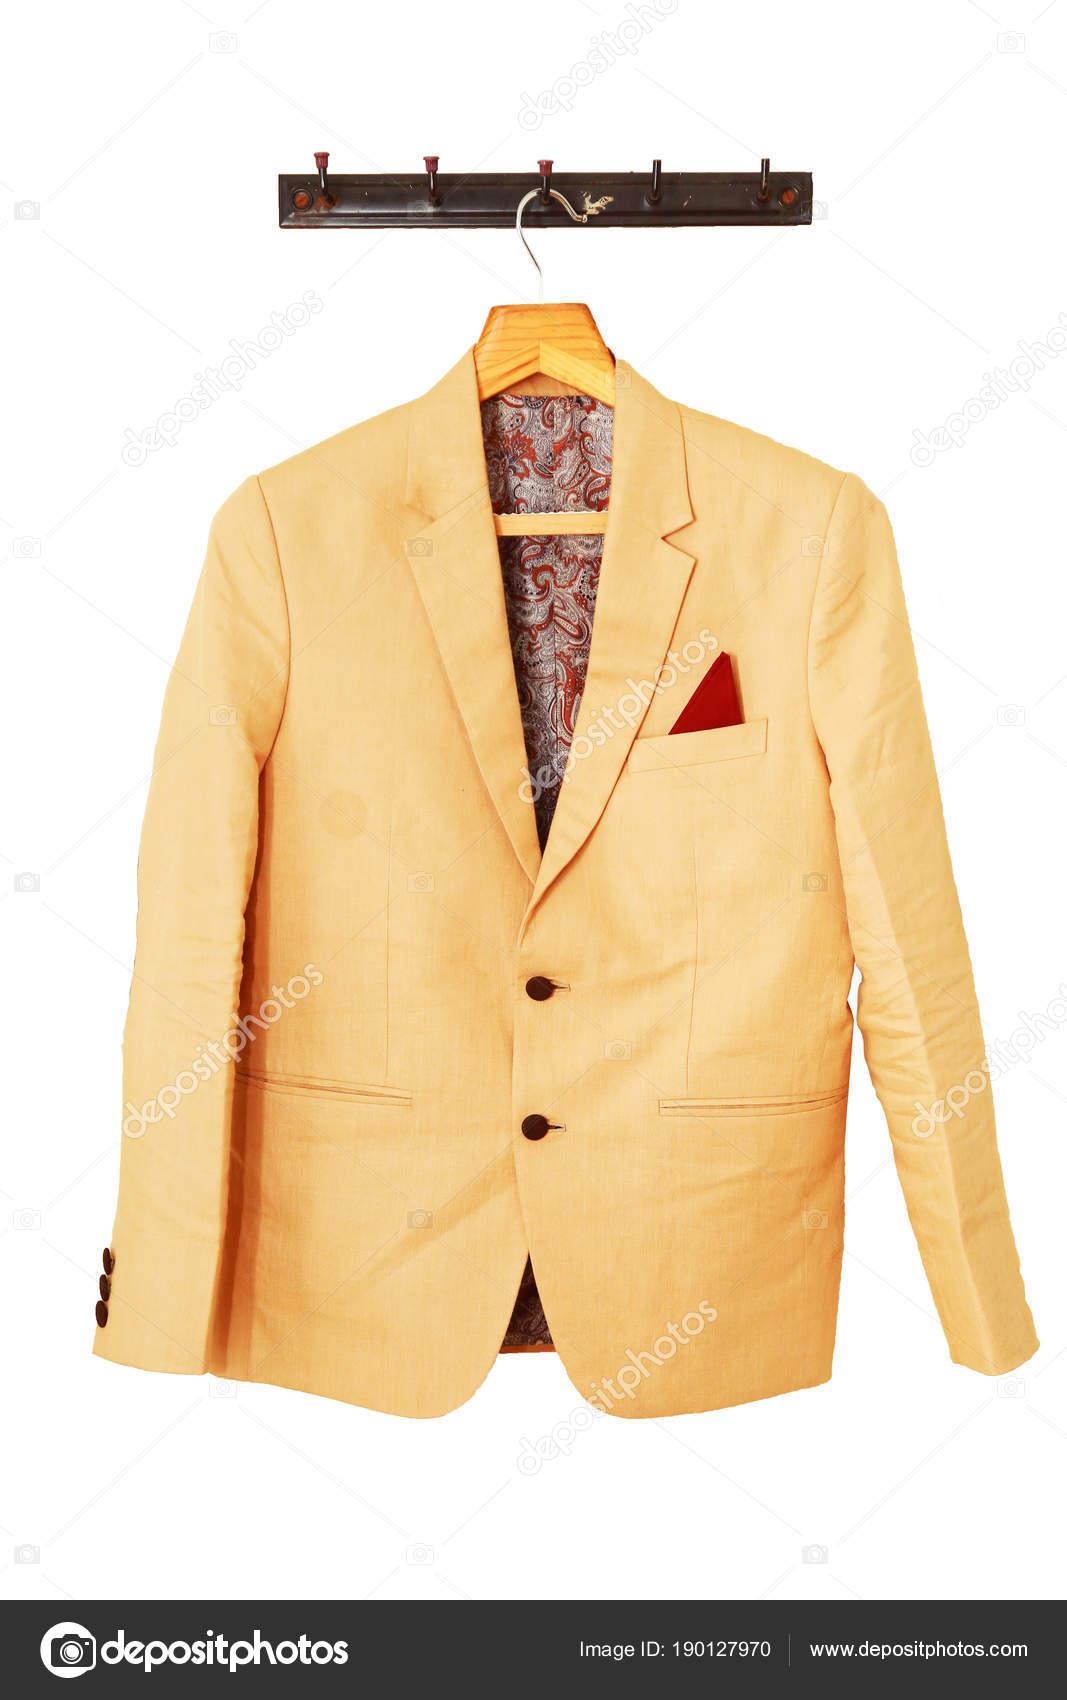 Schönen Bräutigam Jacke hängt an der weißen Wand für